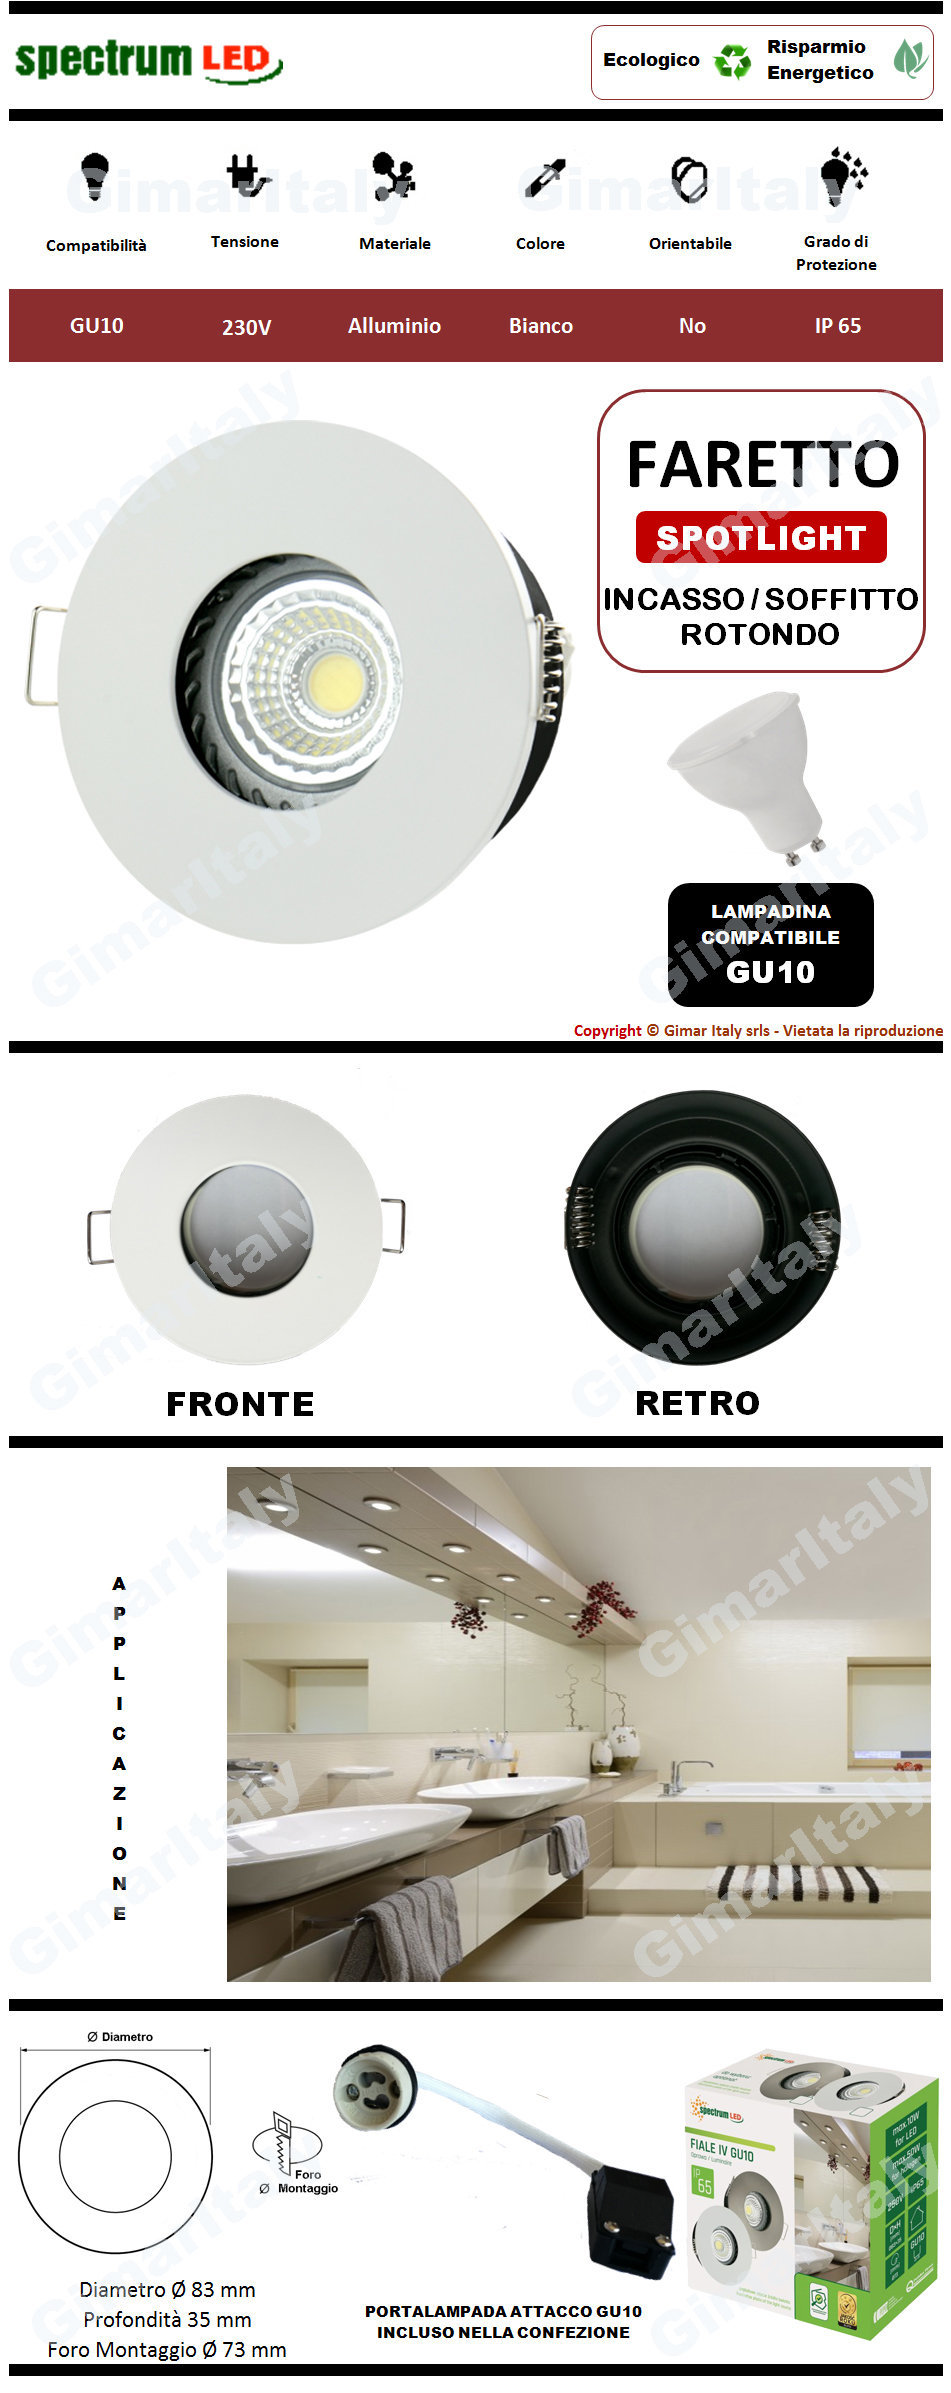 Portafaretto IP65 Rotondo bianco da incasso per lampadina GU10 Spectrum